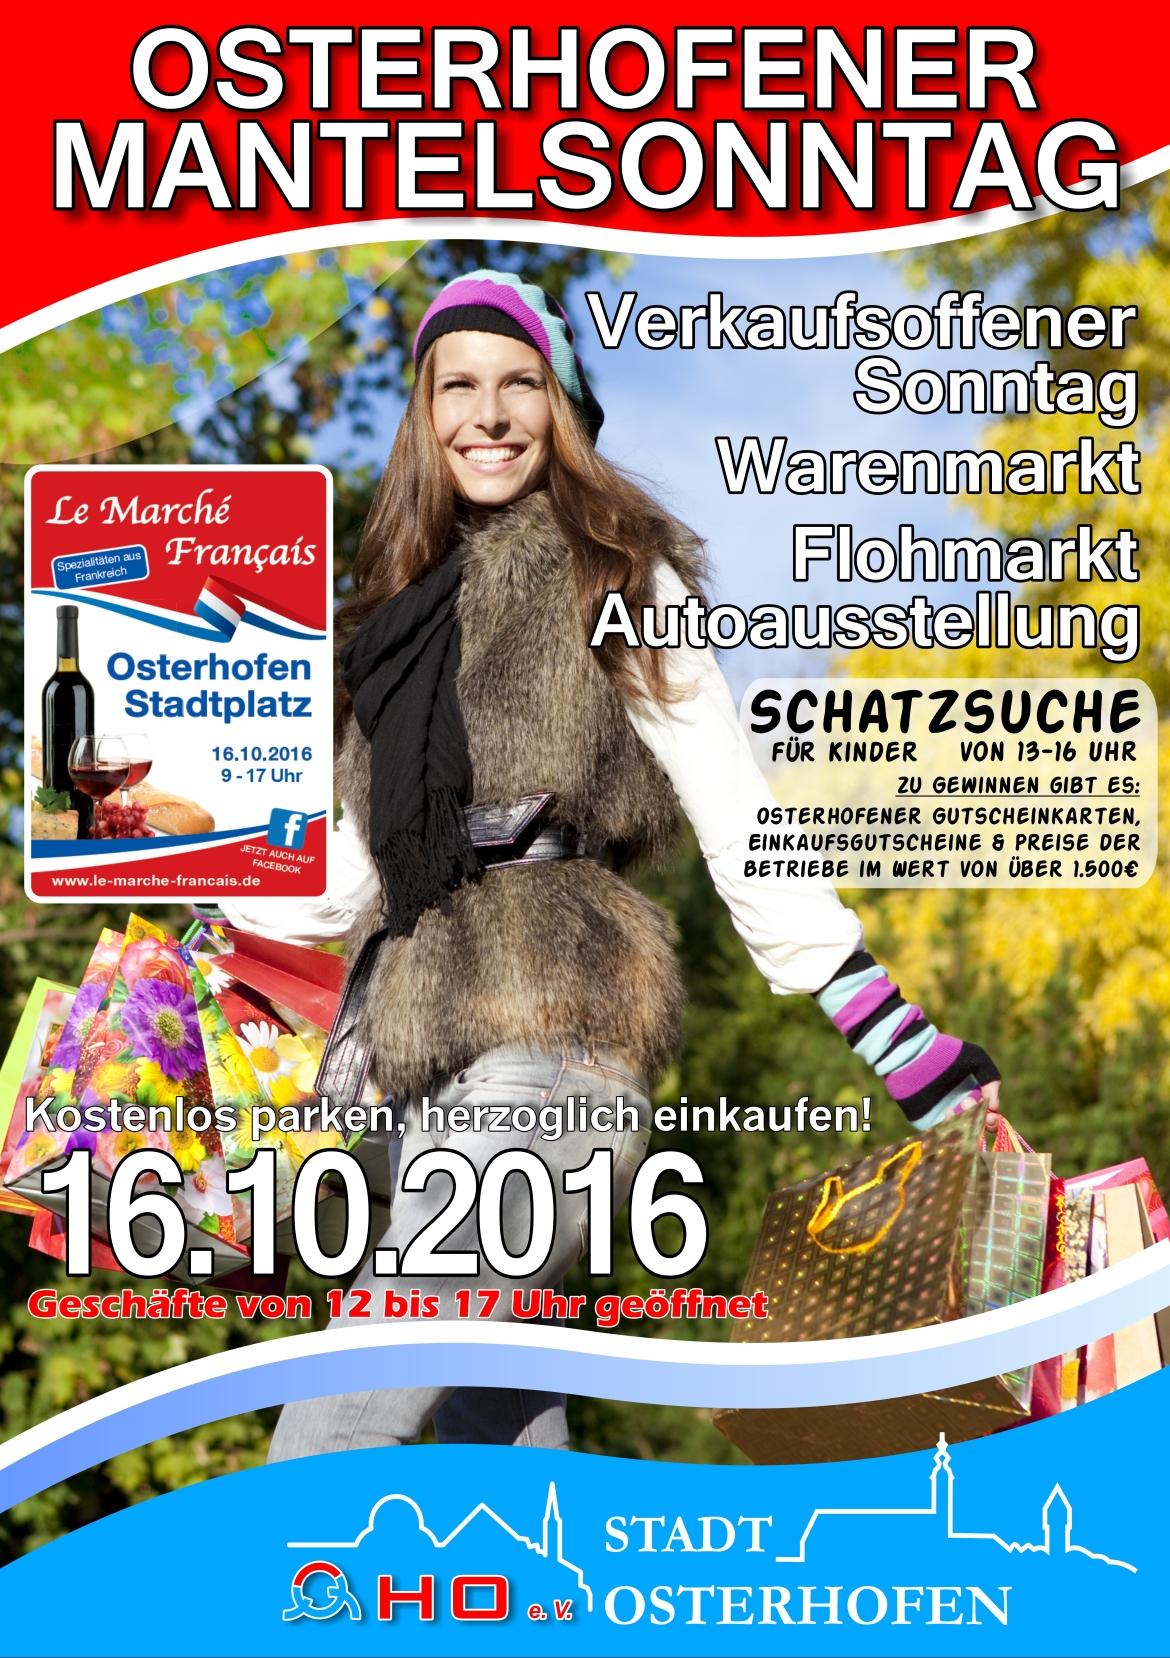 mantelsonntag-2016-mit-marche_plakata2